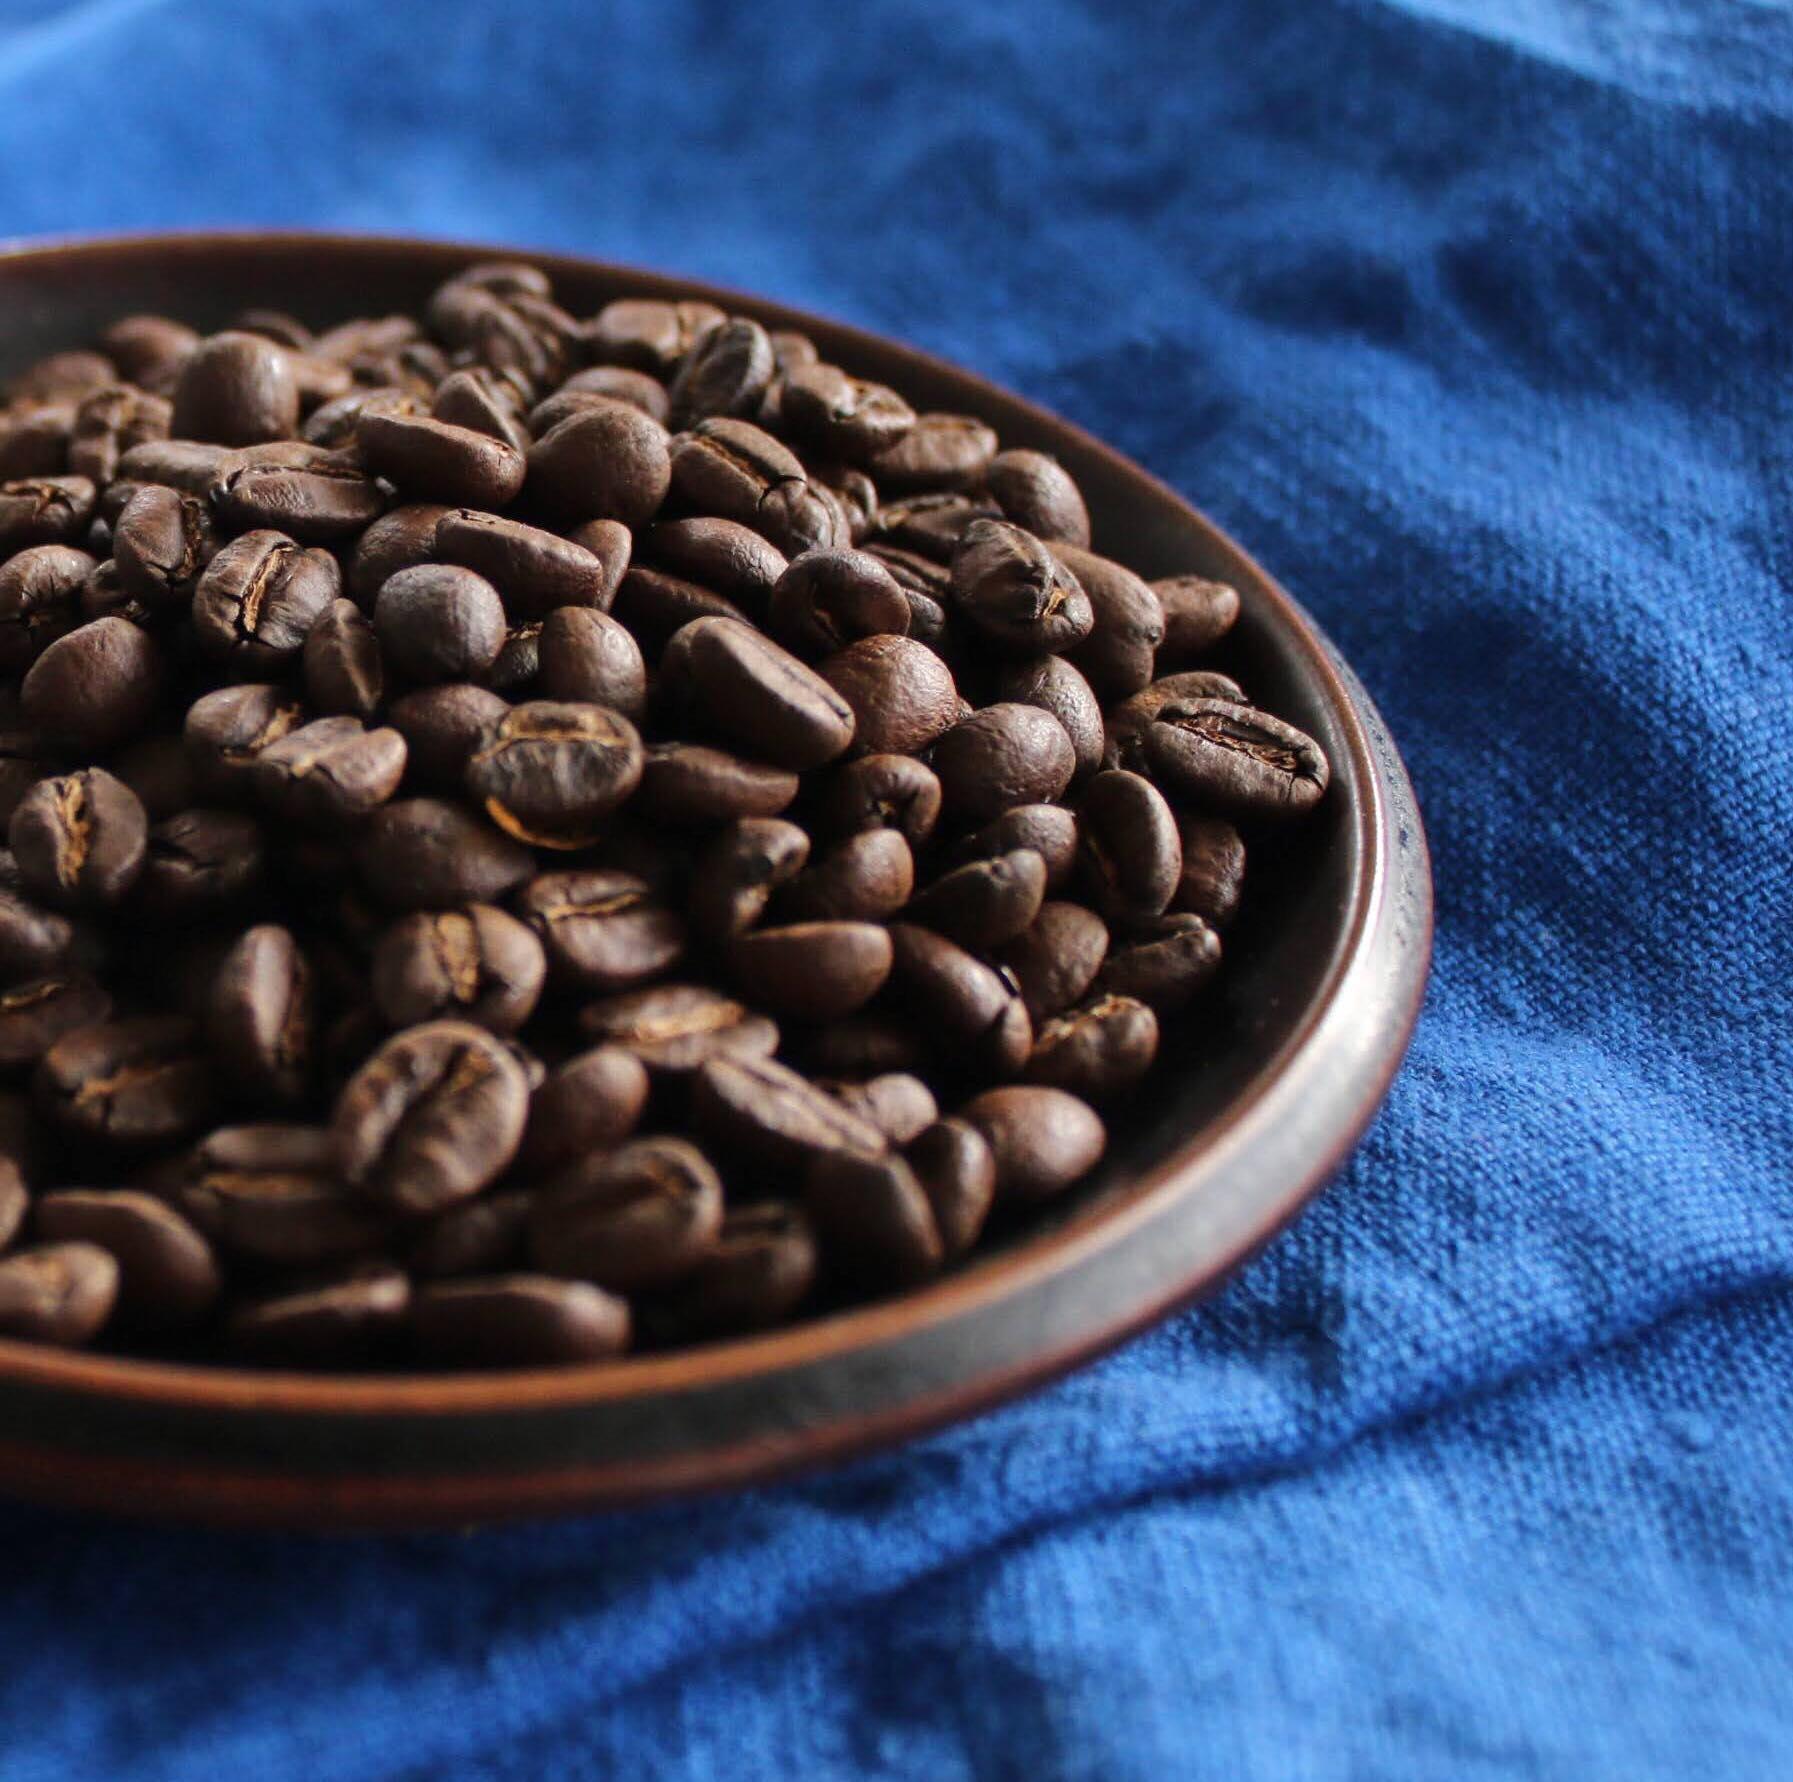 ルブランコーヒーが美味しい理由〜6つのこだわり〜